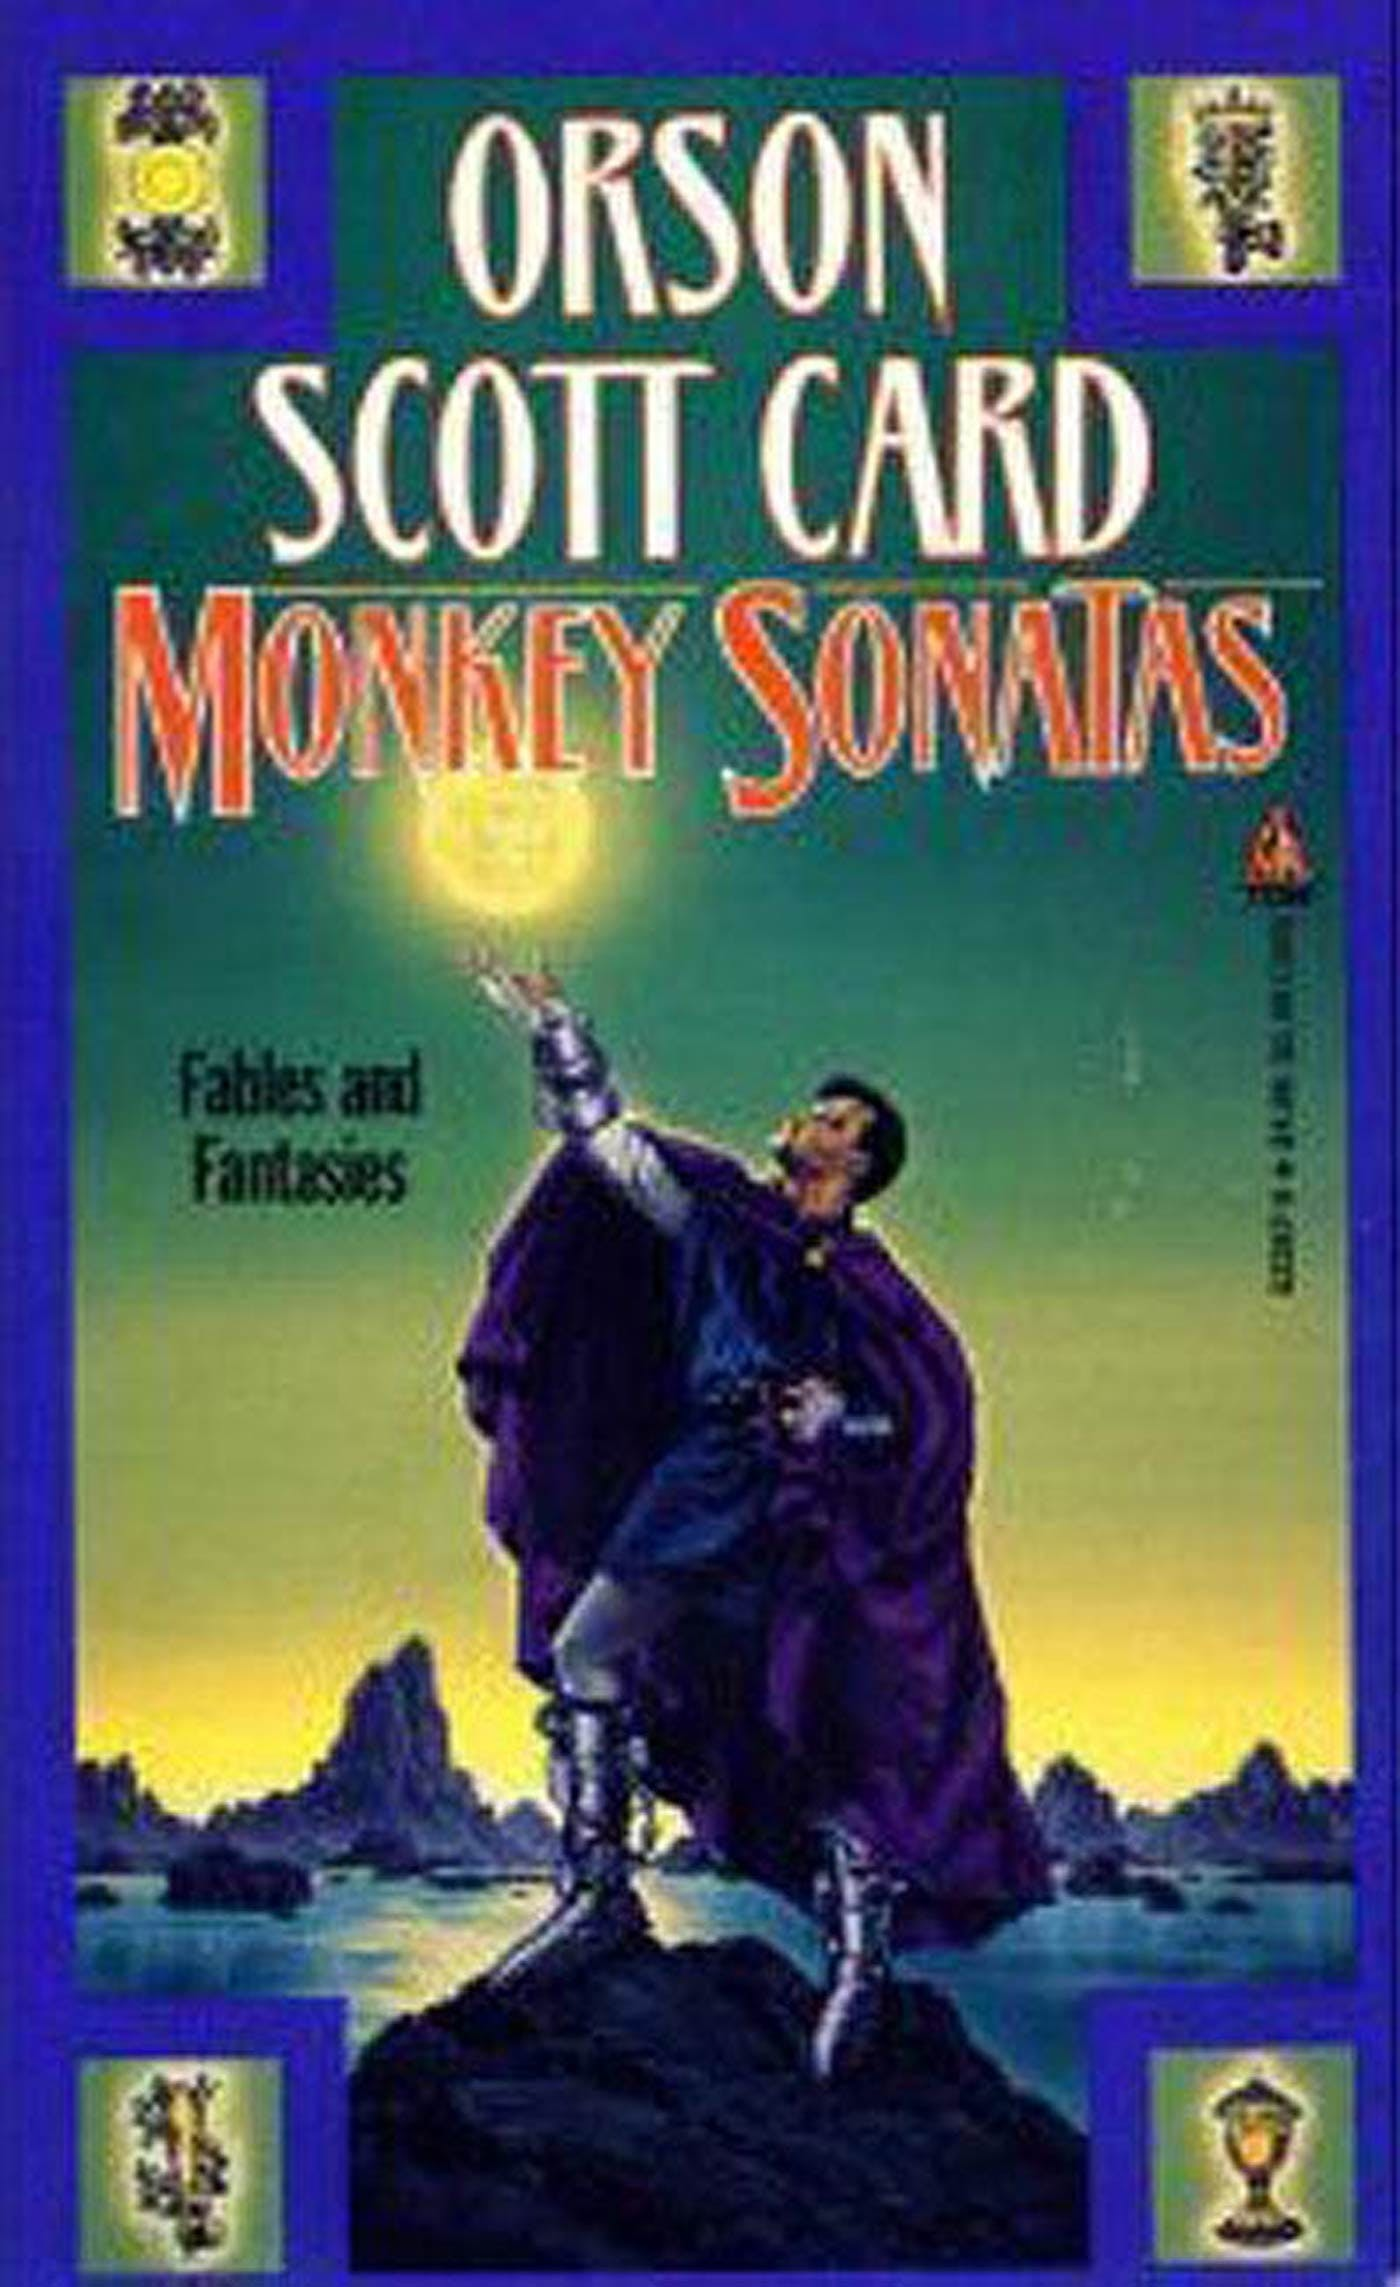 Image of Monkey Sonatas